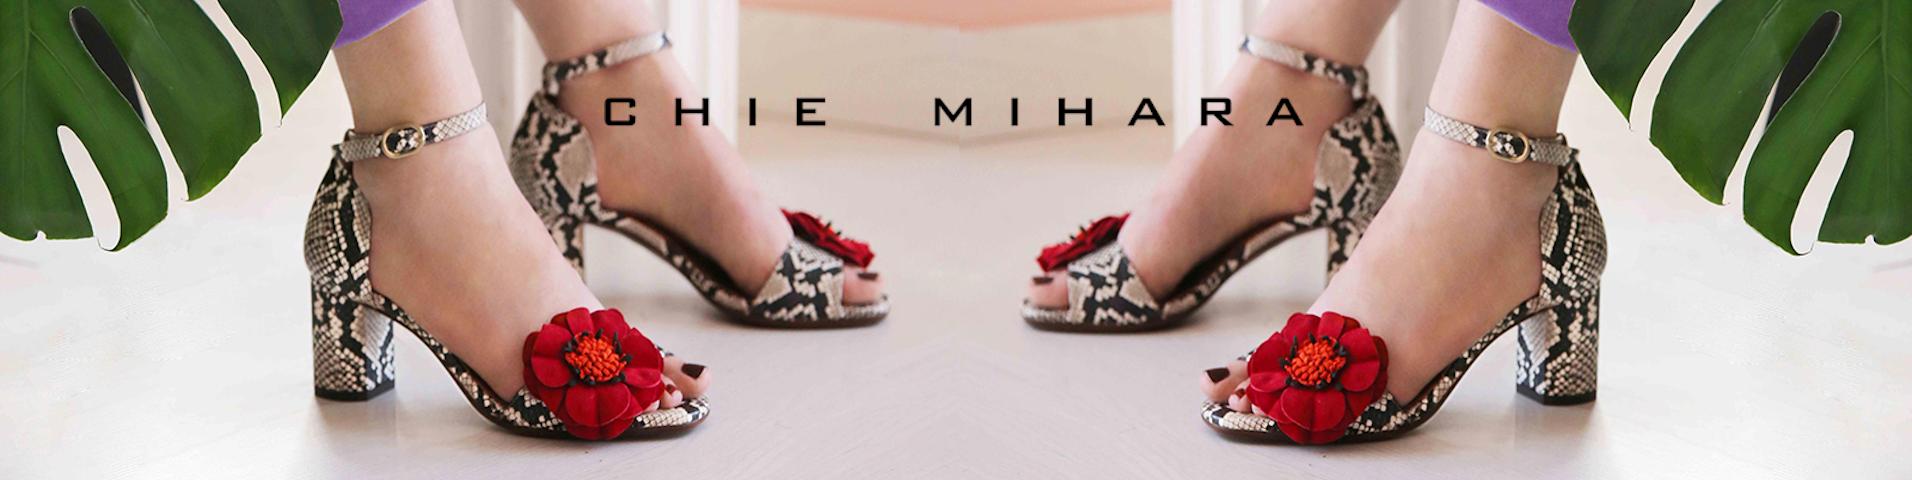 Chie Mihara | La nuova collezione online su Zalando